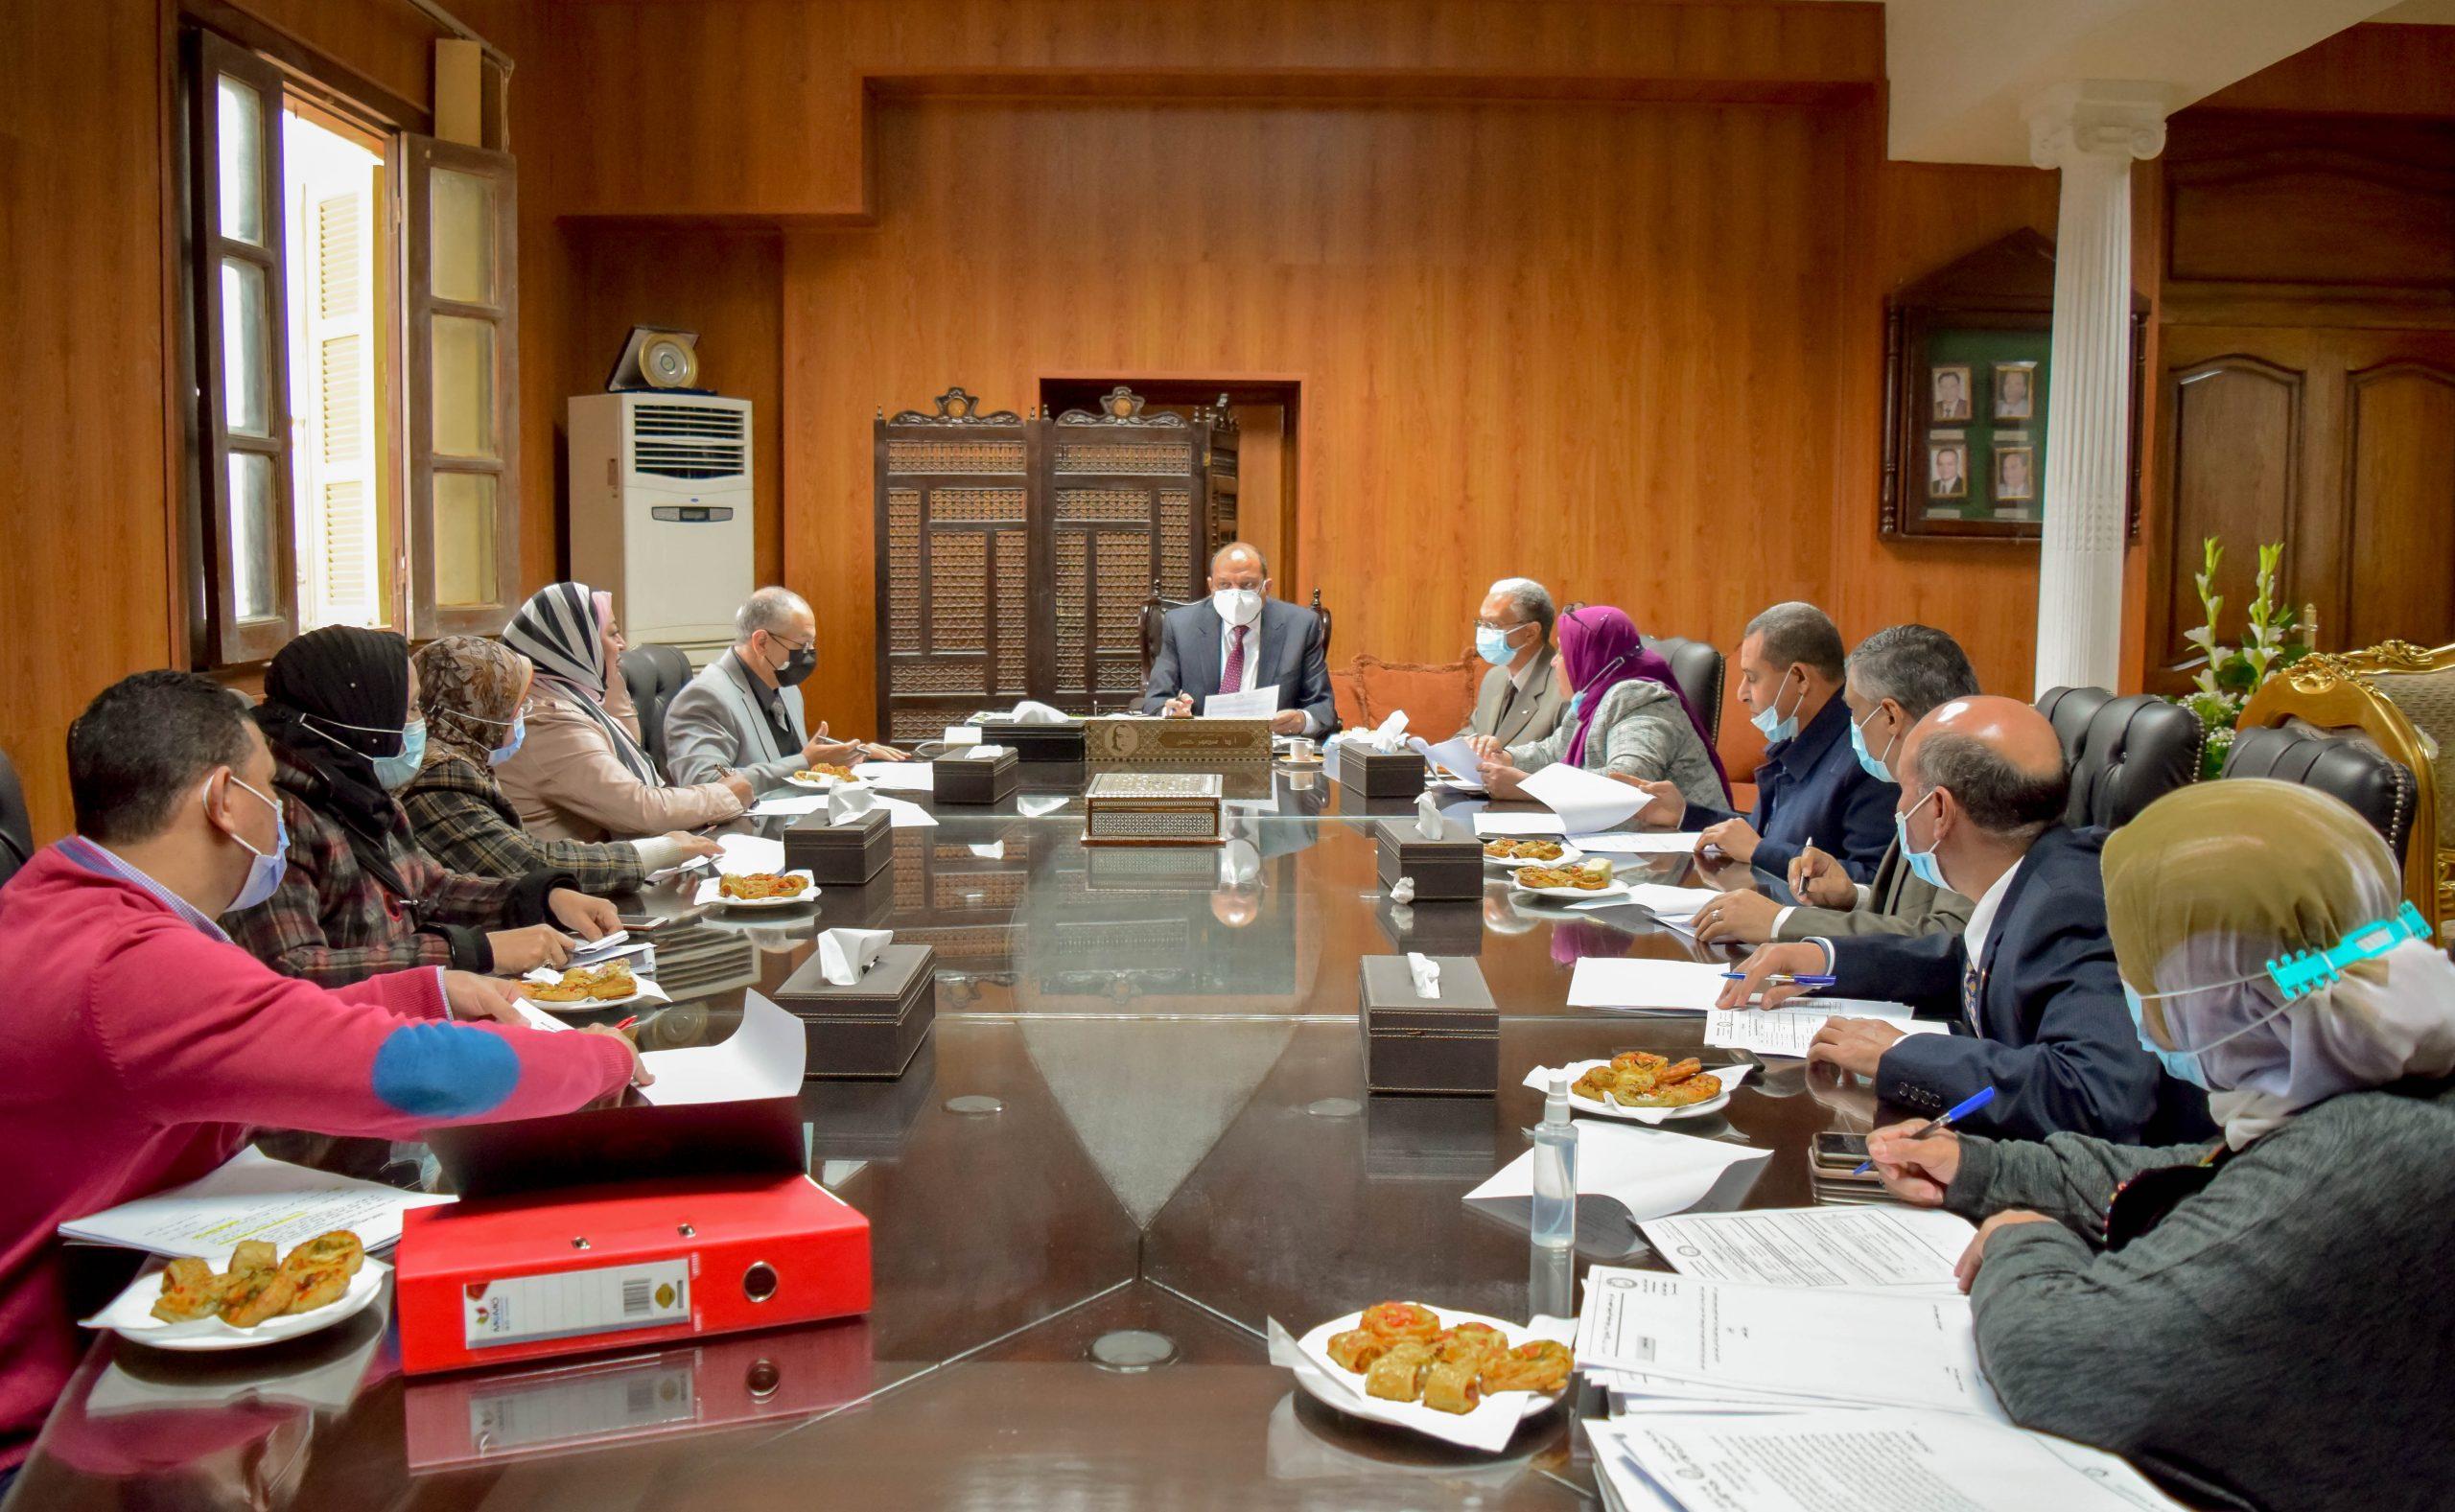 جامعة بني سويف: دعم العاملين بالجامعة لاستكمال دراستهم بالشعب والبرامج الجديدة